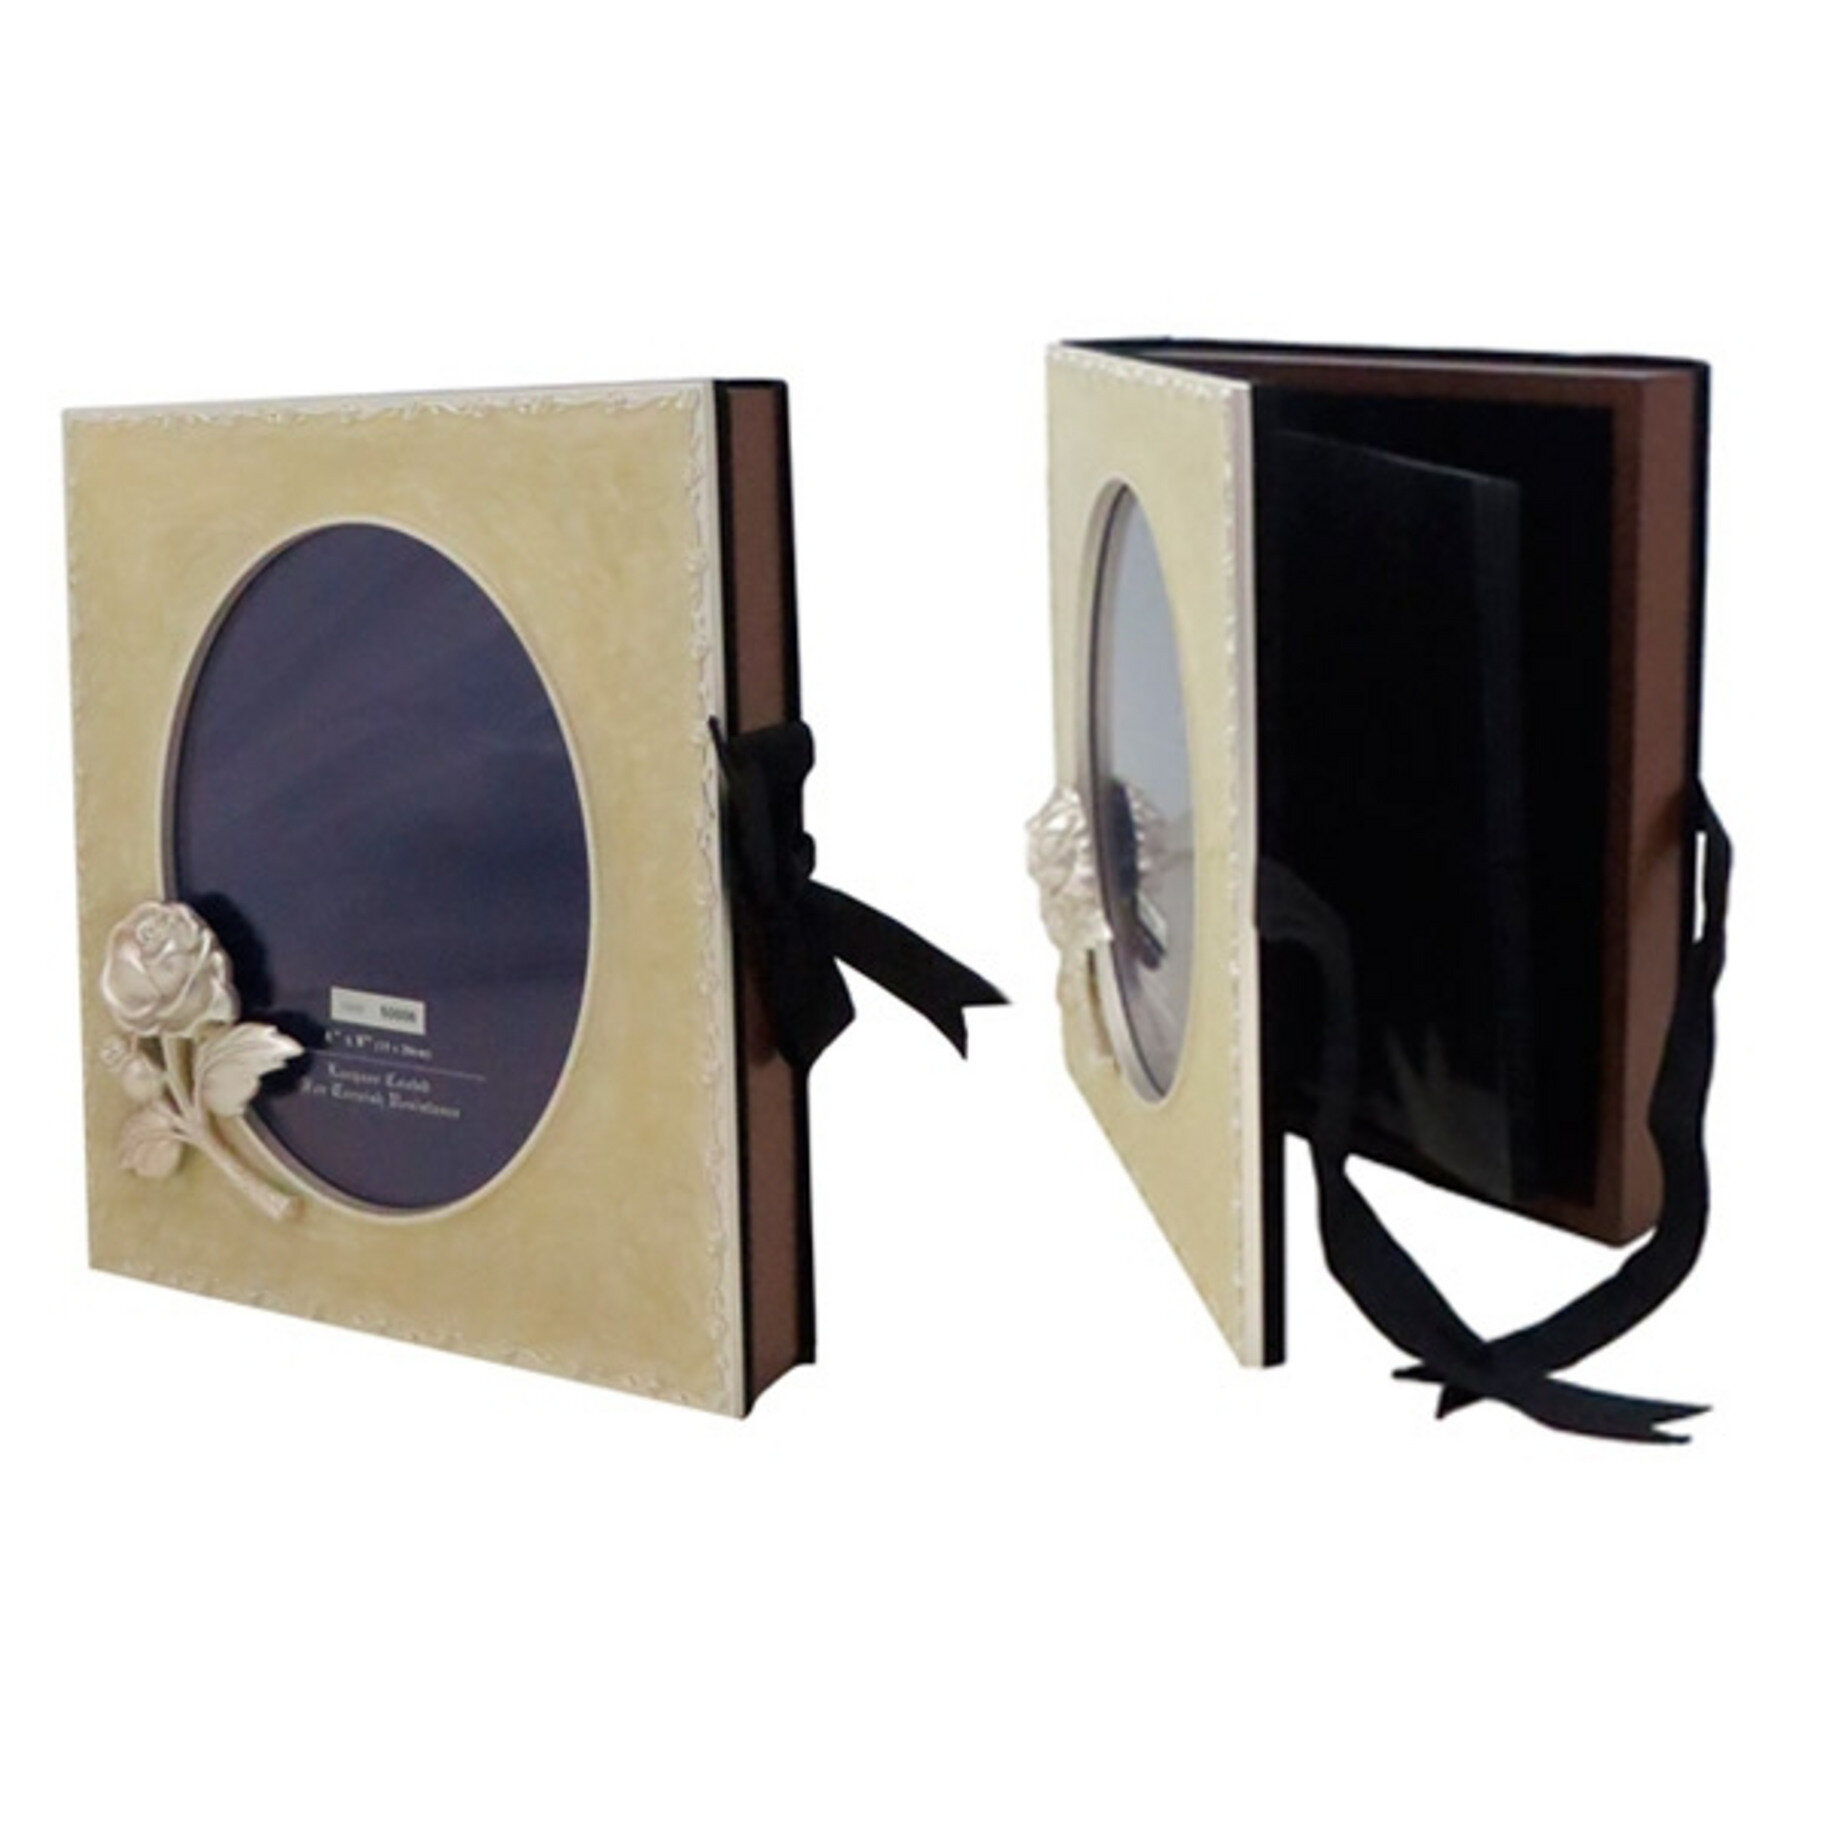 Фотоальбом с рамкой для фотографии 15х20, в подарок